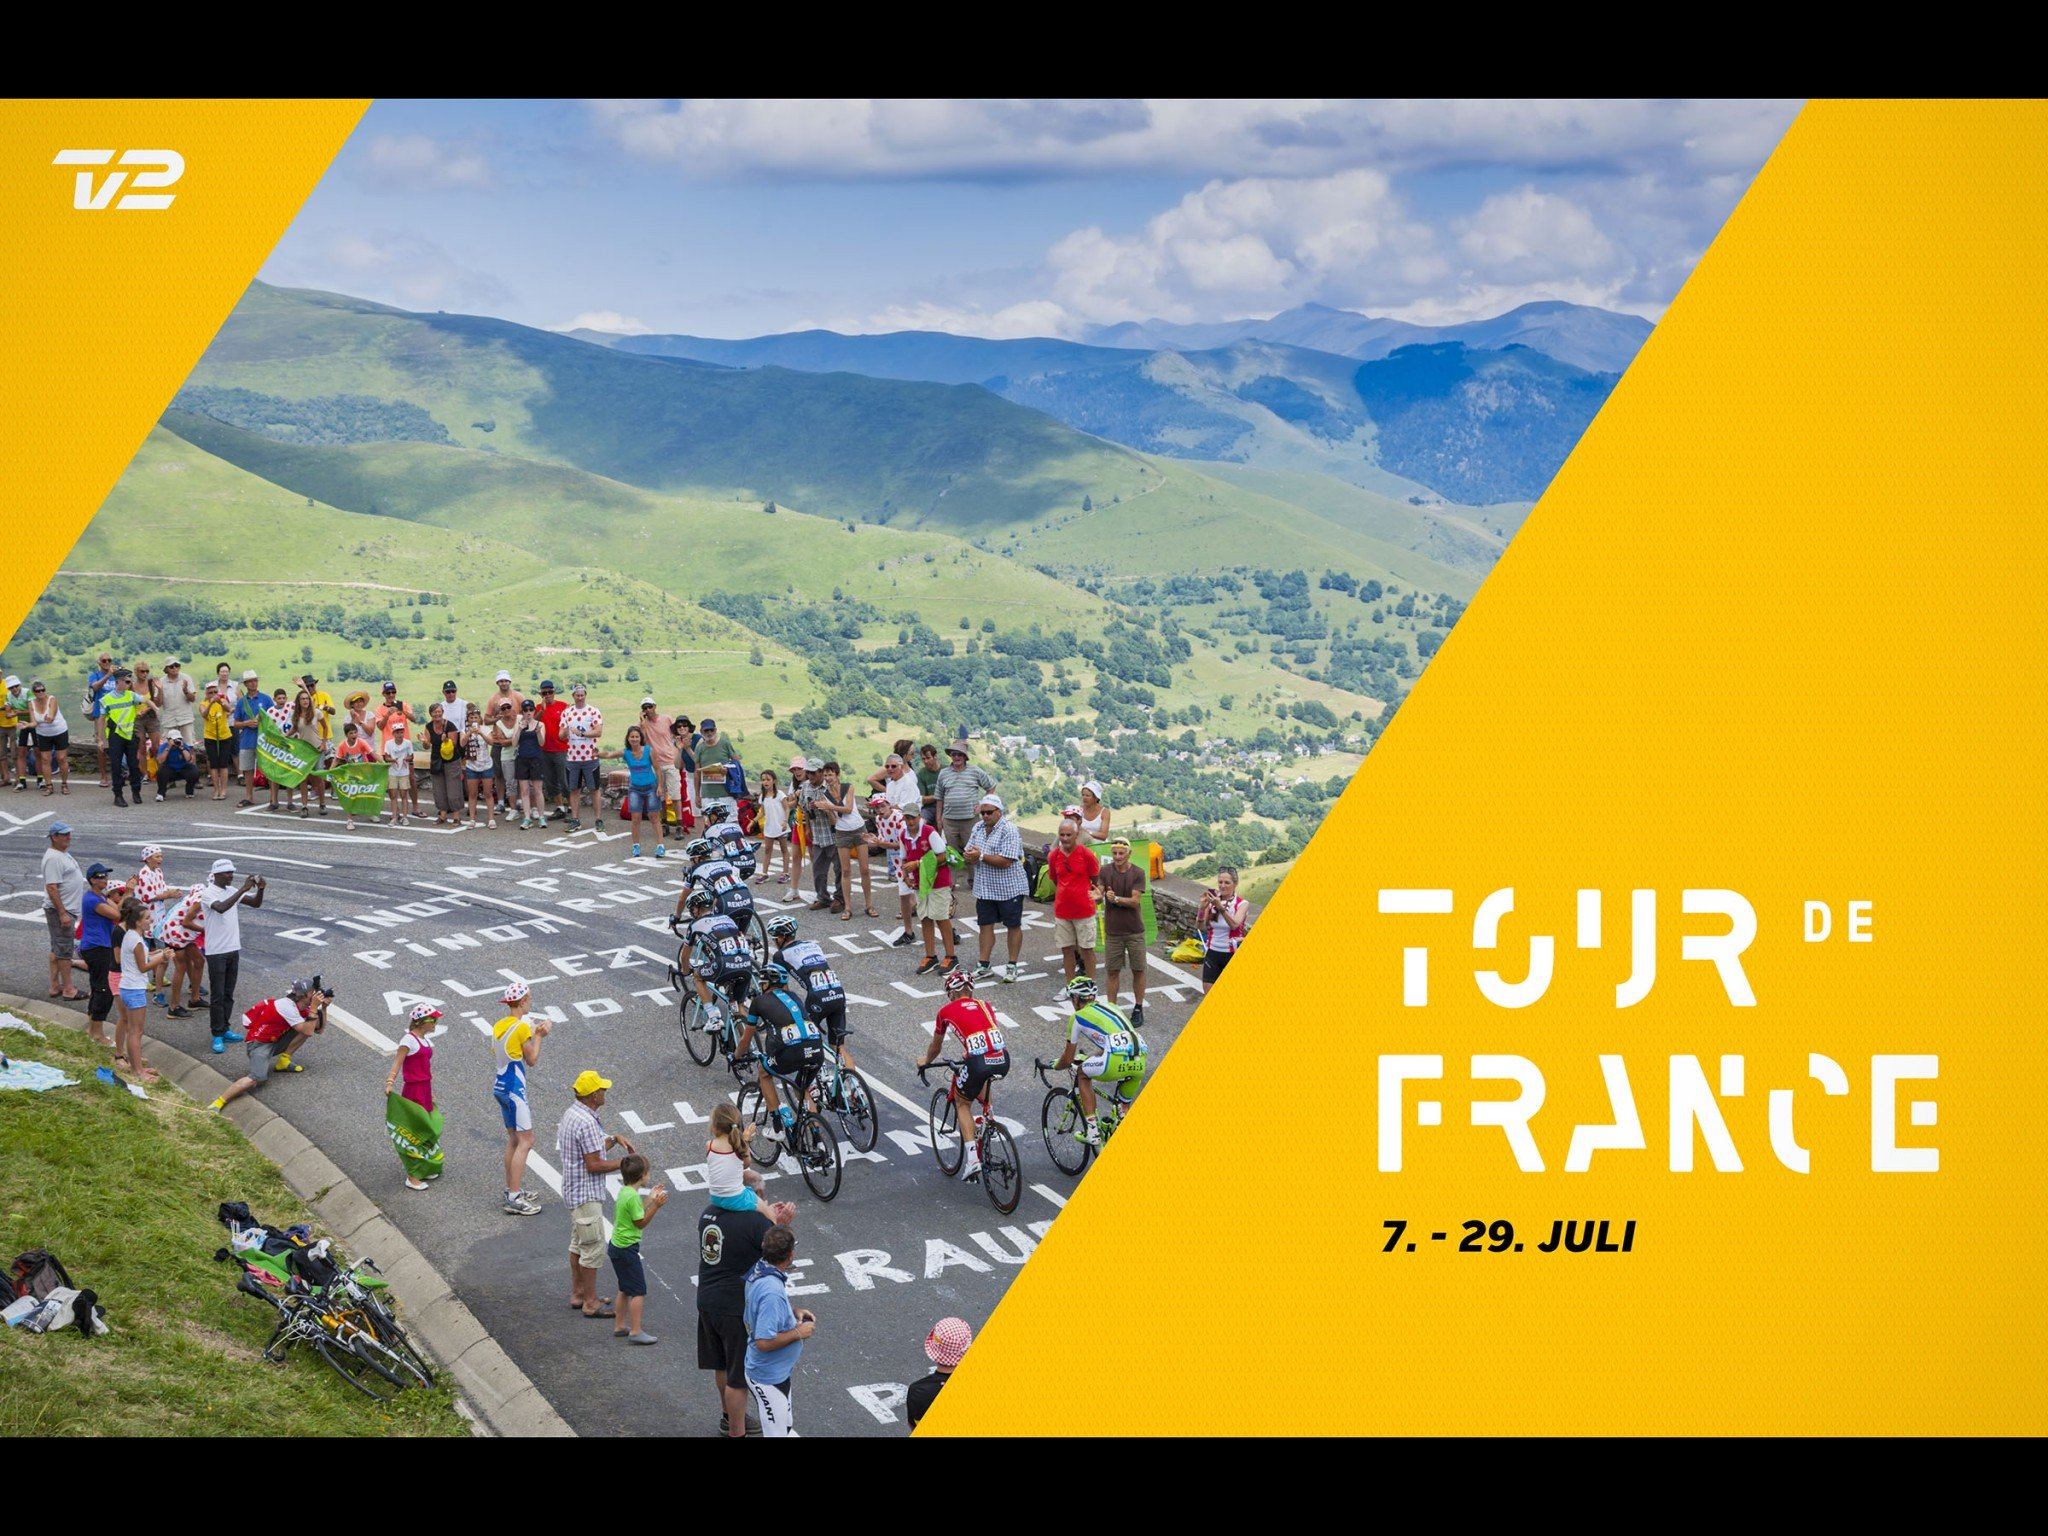 Tour de France 2018 på TV